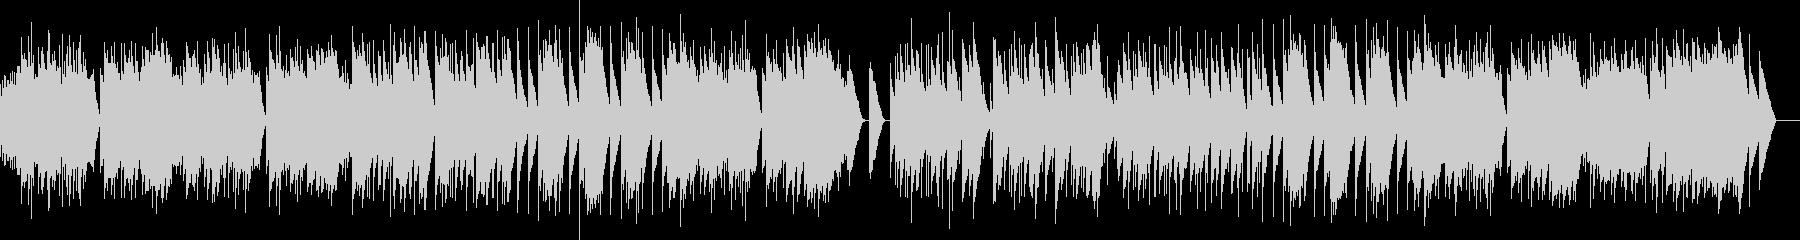 フォーレ 3.シシリエンヌ  オルゴールの未再生の波形